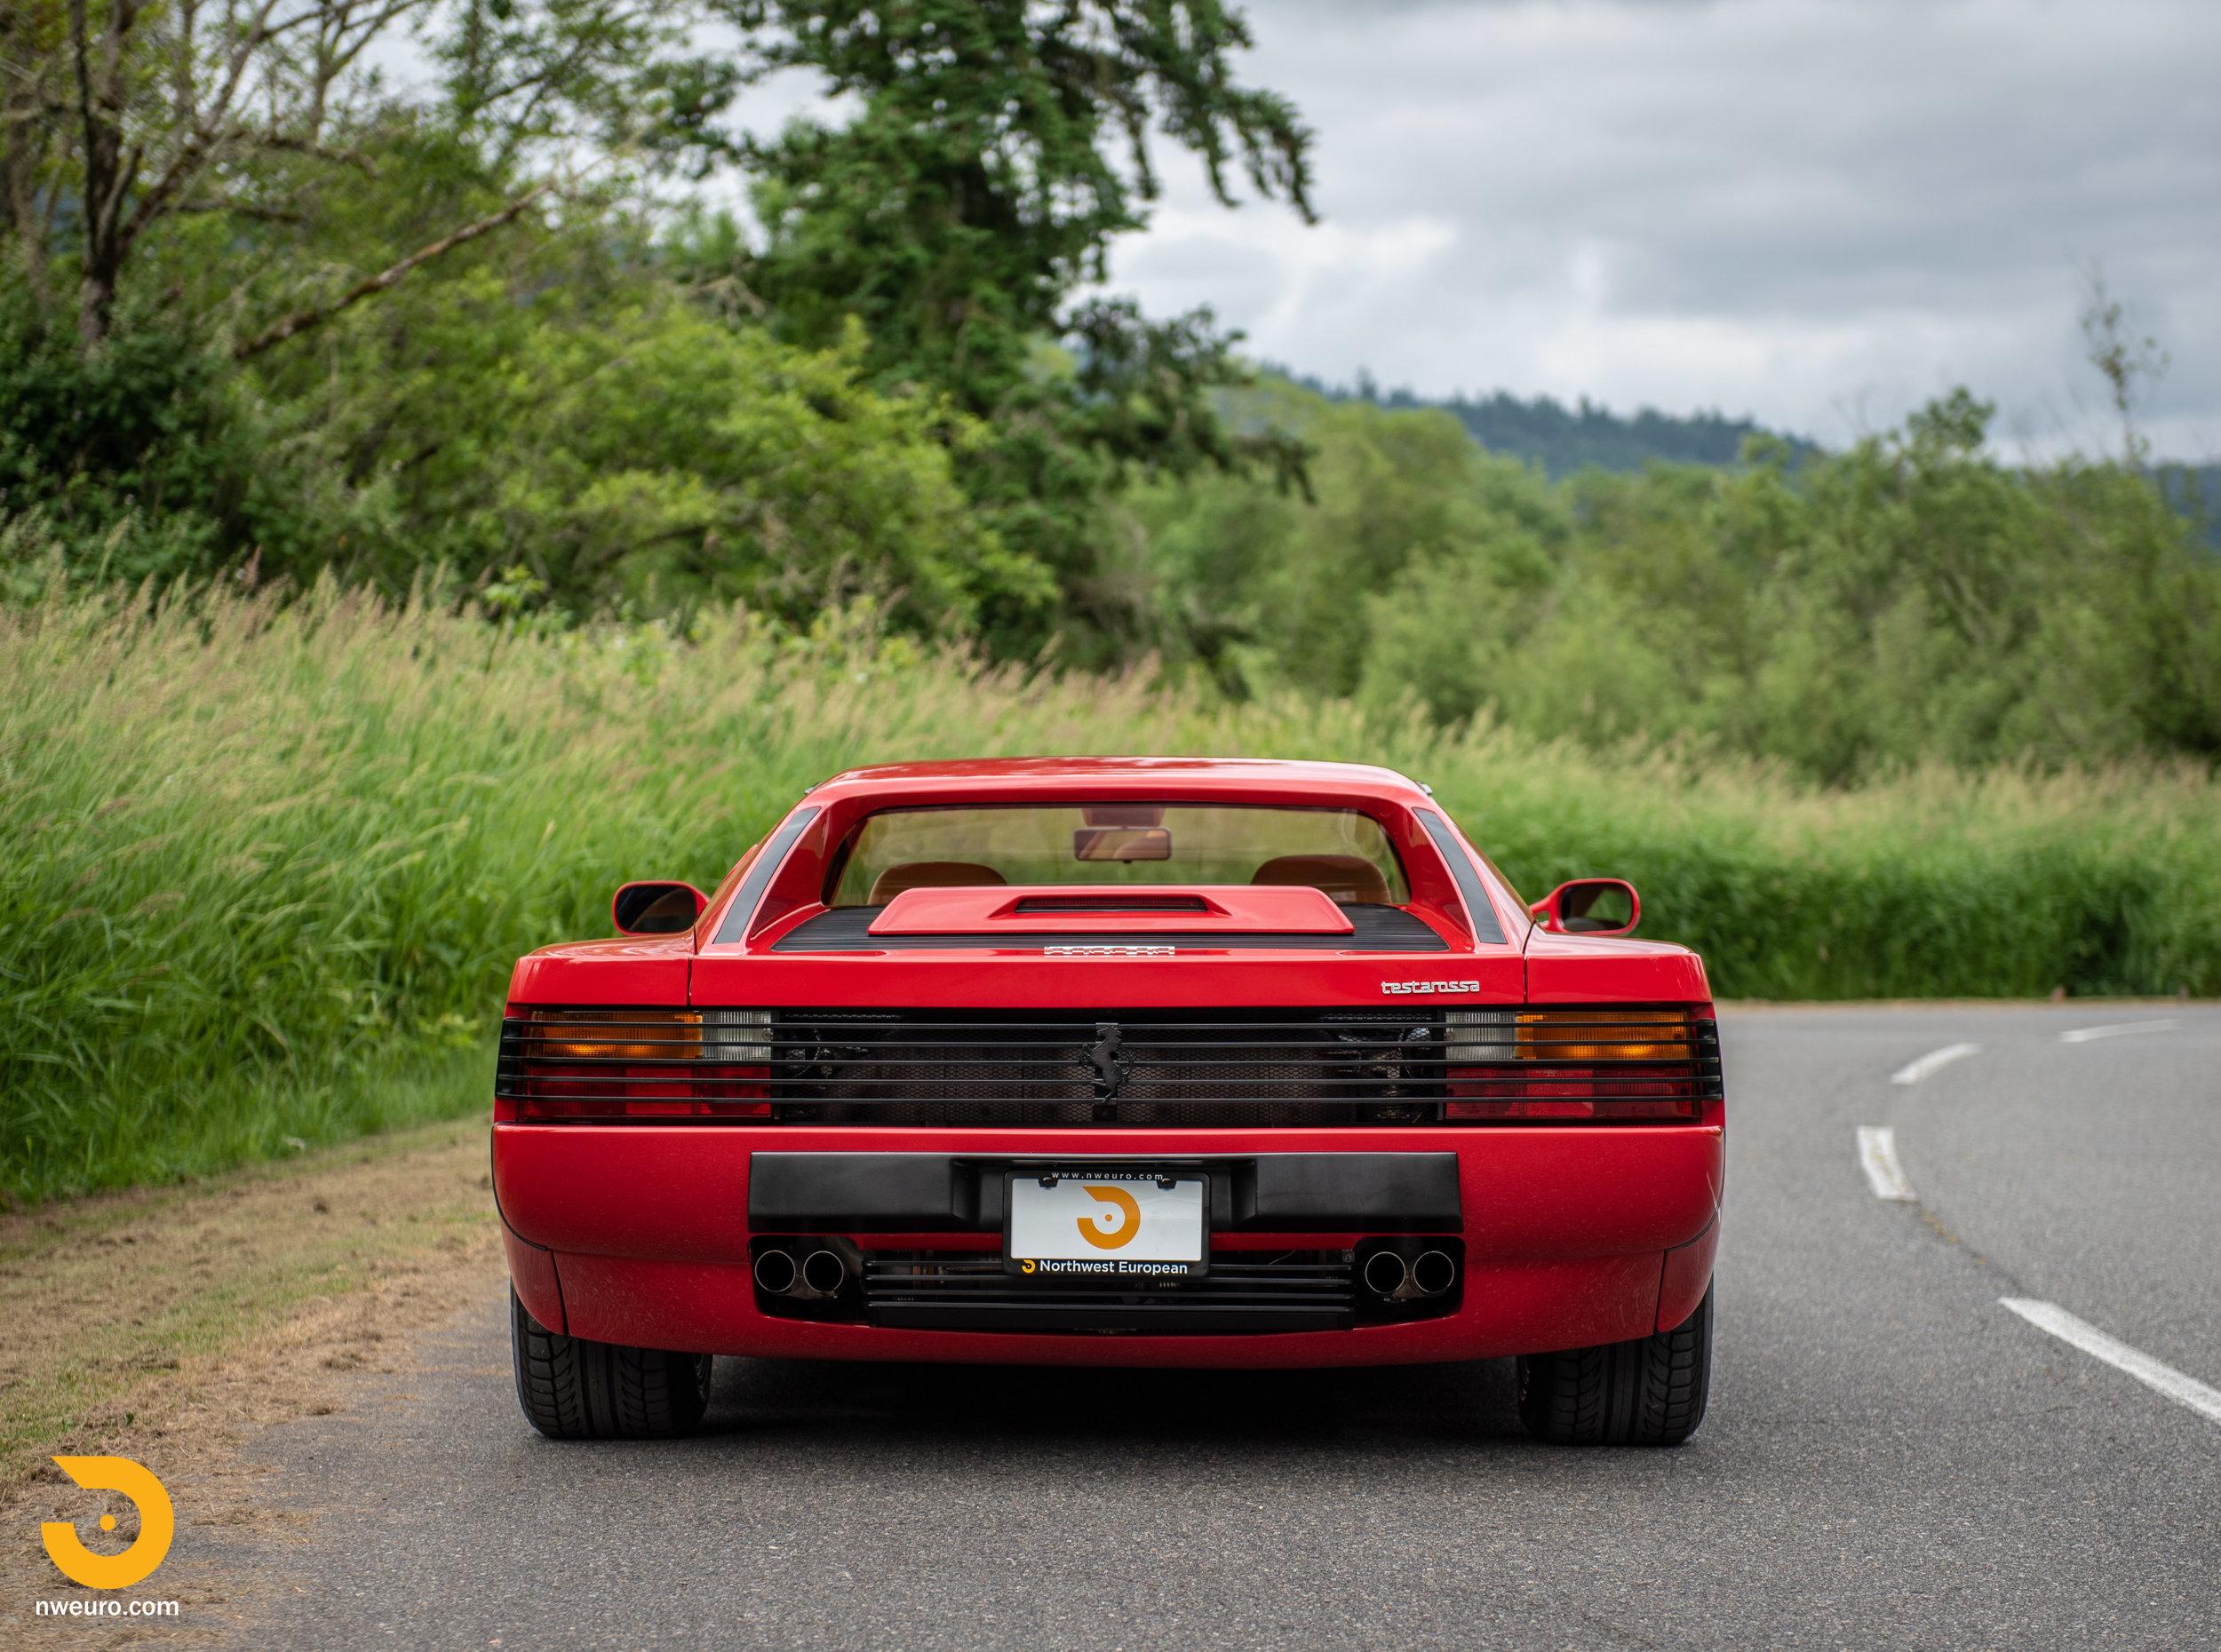 1988 Ferrari Testarossa-92.jpg